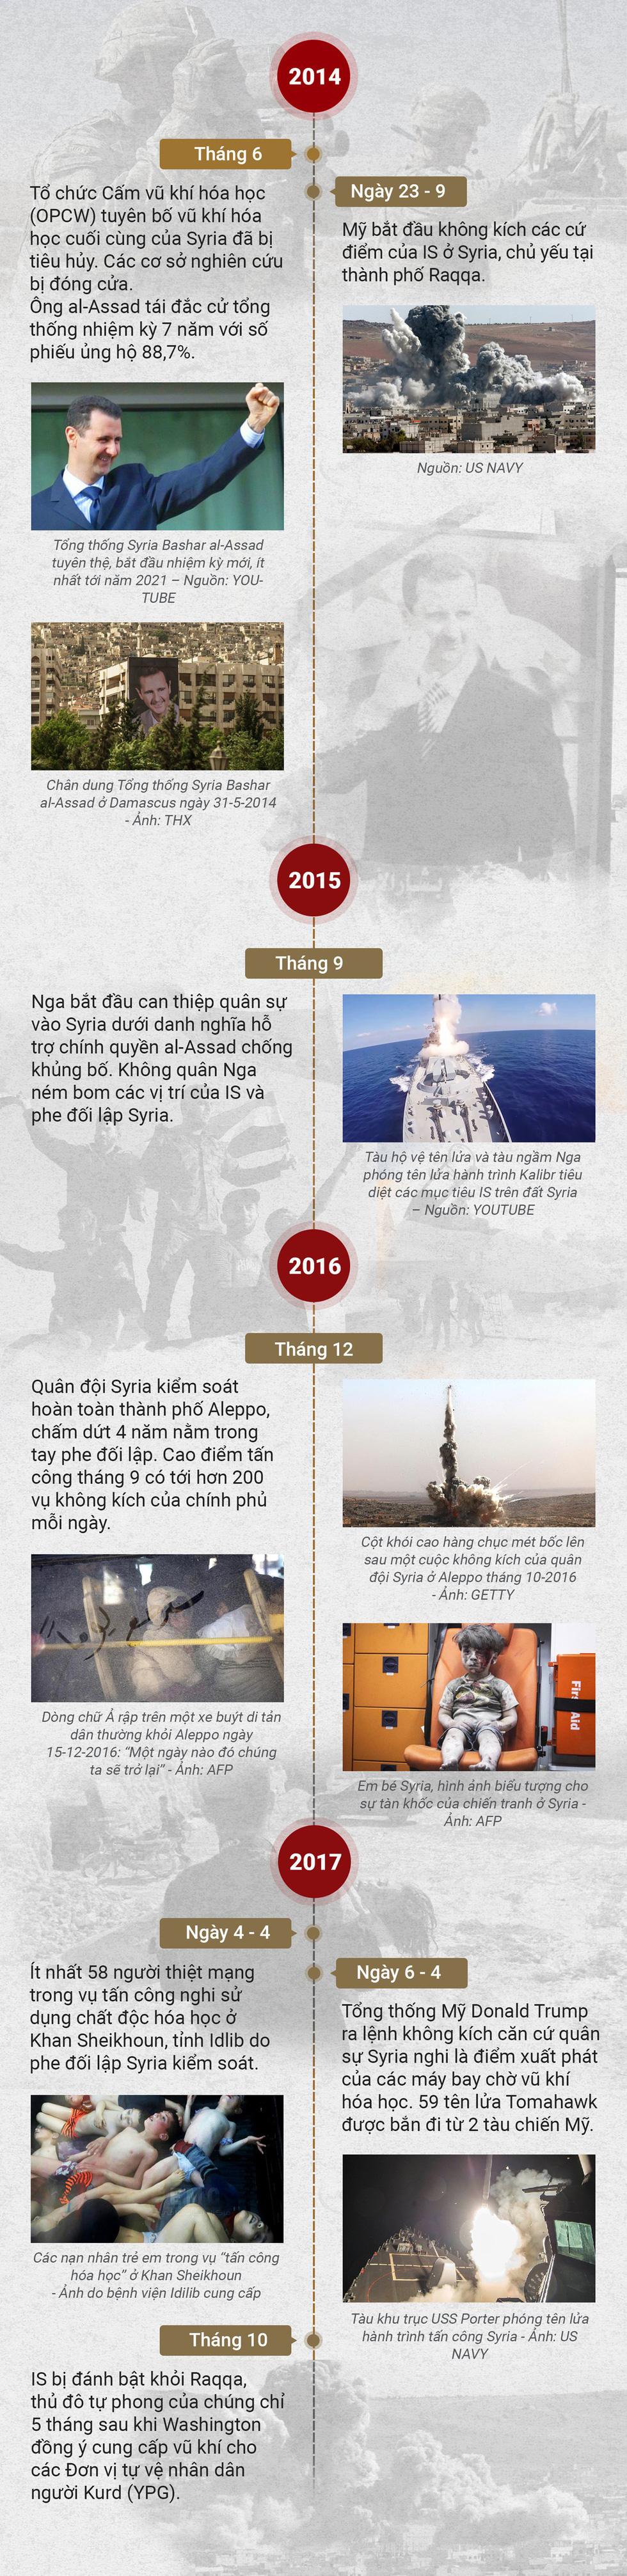 Cuộc chiến chưa hồi kết ở Syria - Ảnh 2.